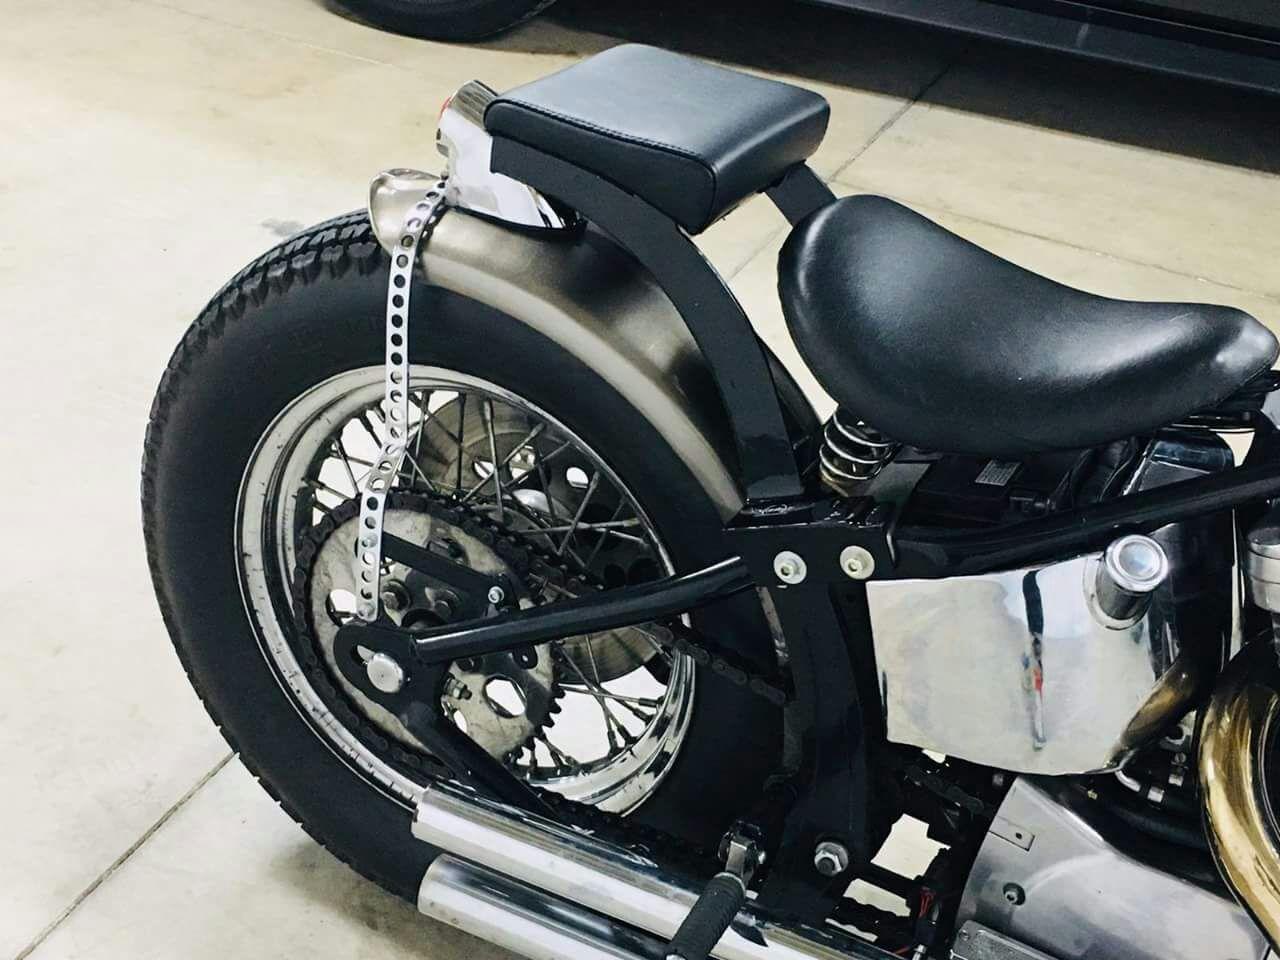 Boncengan Acessorios Para Motos Motos Customizadas Motos [ 960 x 1280 Pixel ]